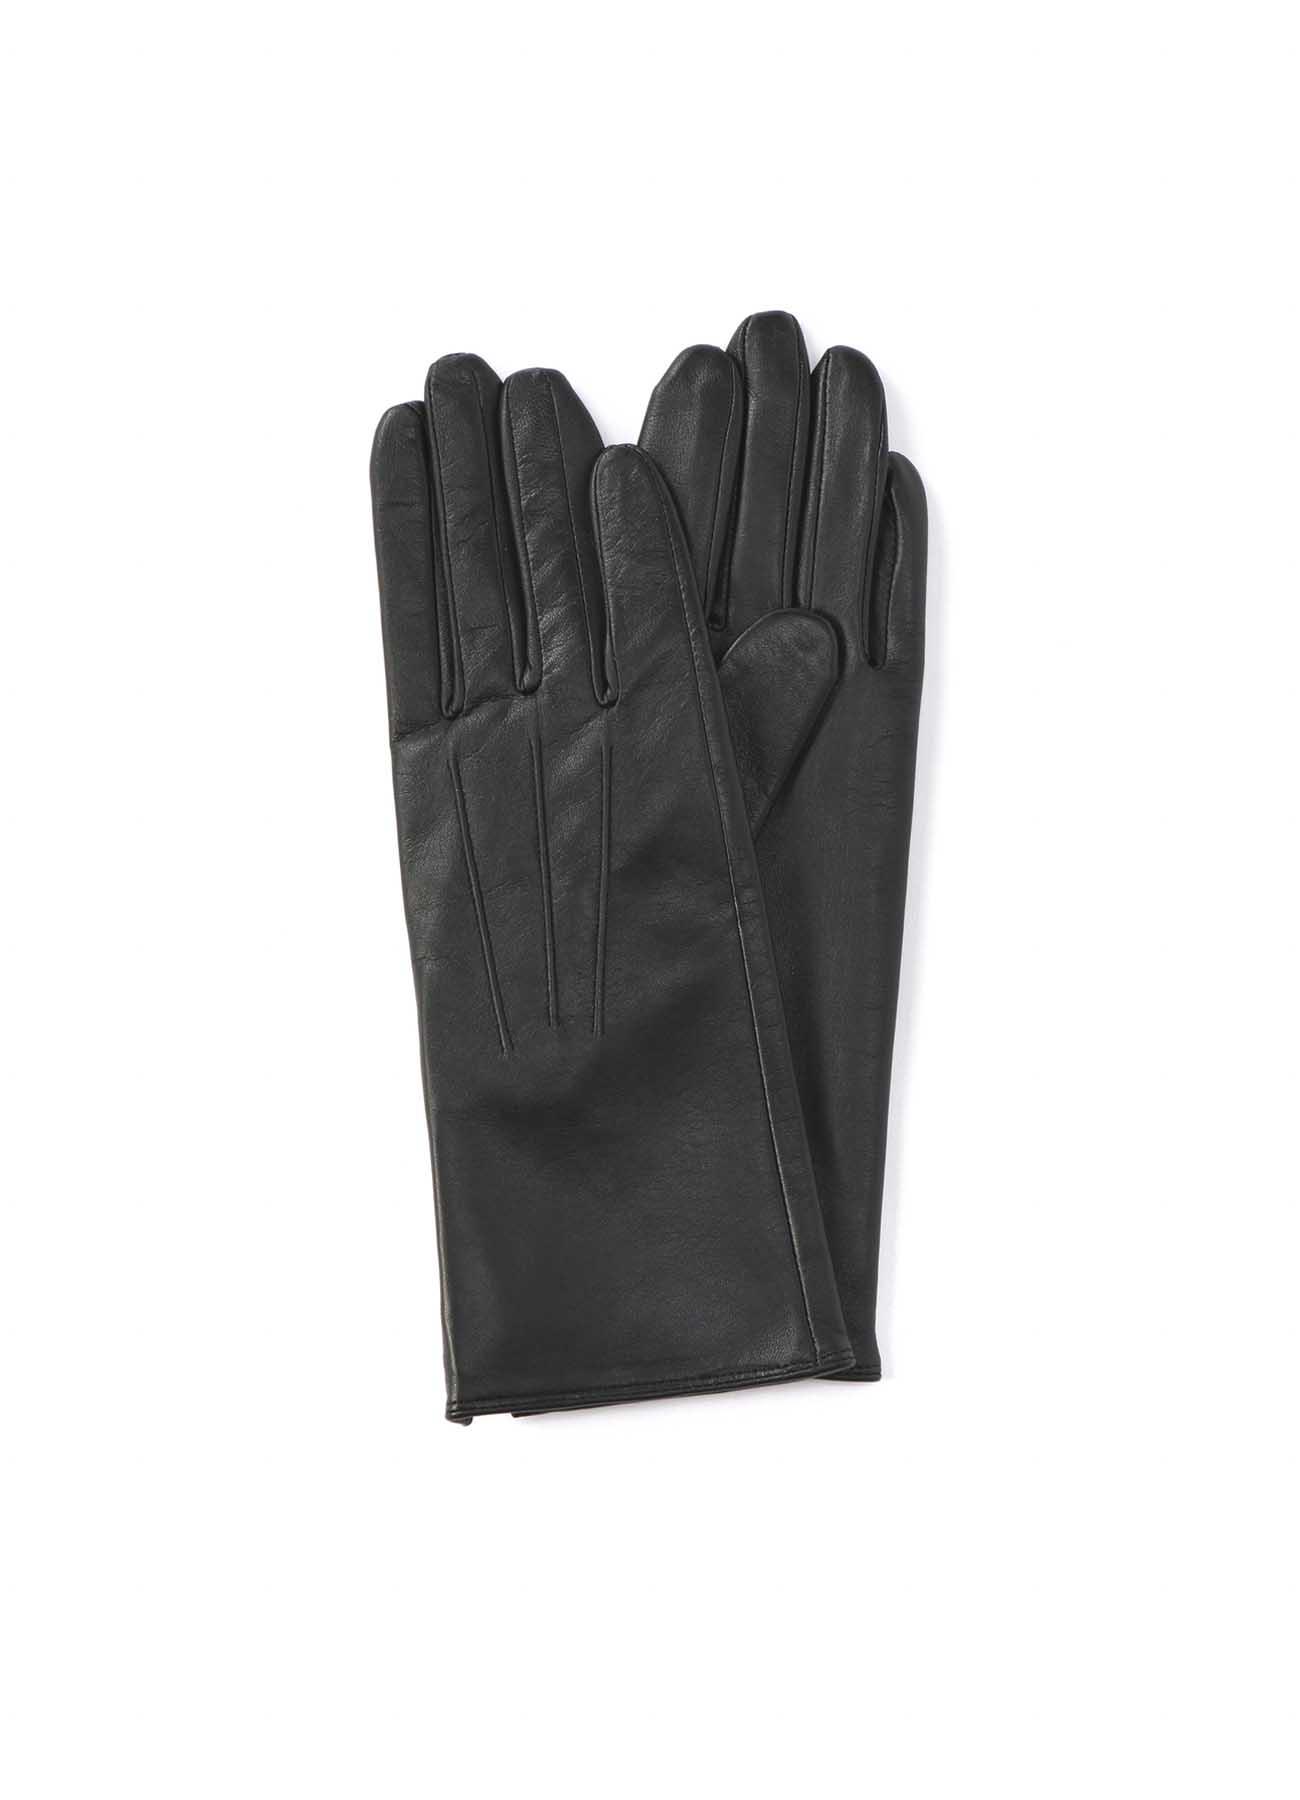 羊皮拉链手套